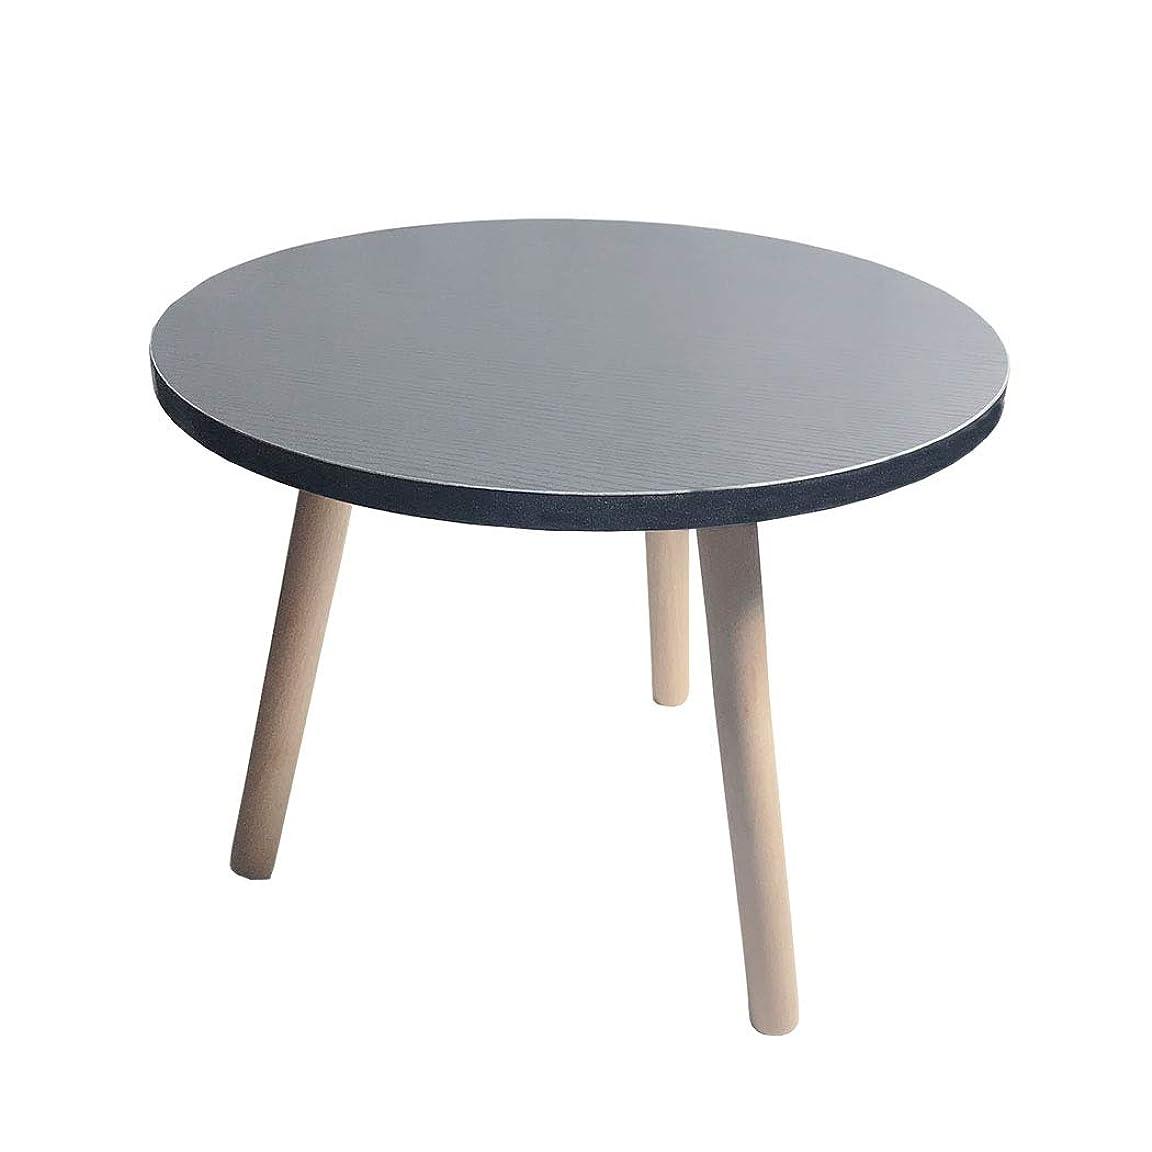 ホップダイエット好奇心盛BFC サイドテーブル カフェテーブル ナイトテーブル 丸型 ソファーサイド テラス 中庭 オシャレ 木製 幅40cm 高さ35cm(ブラック)